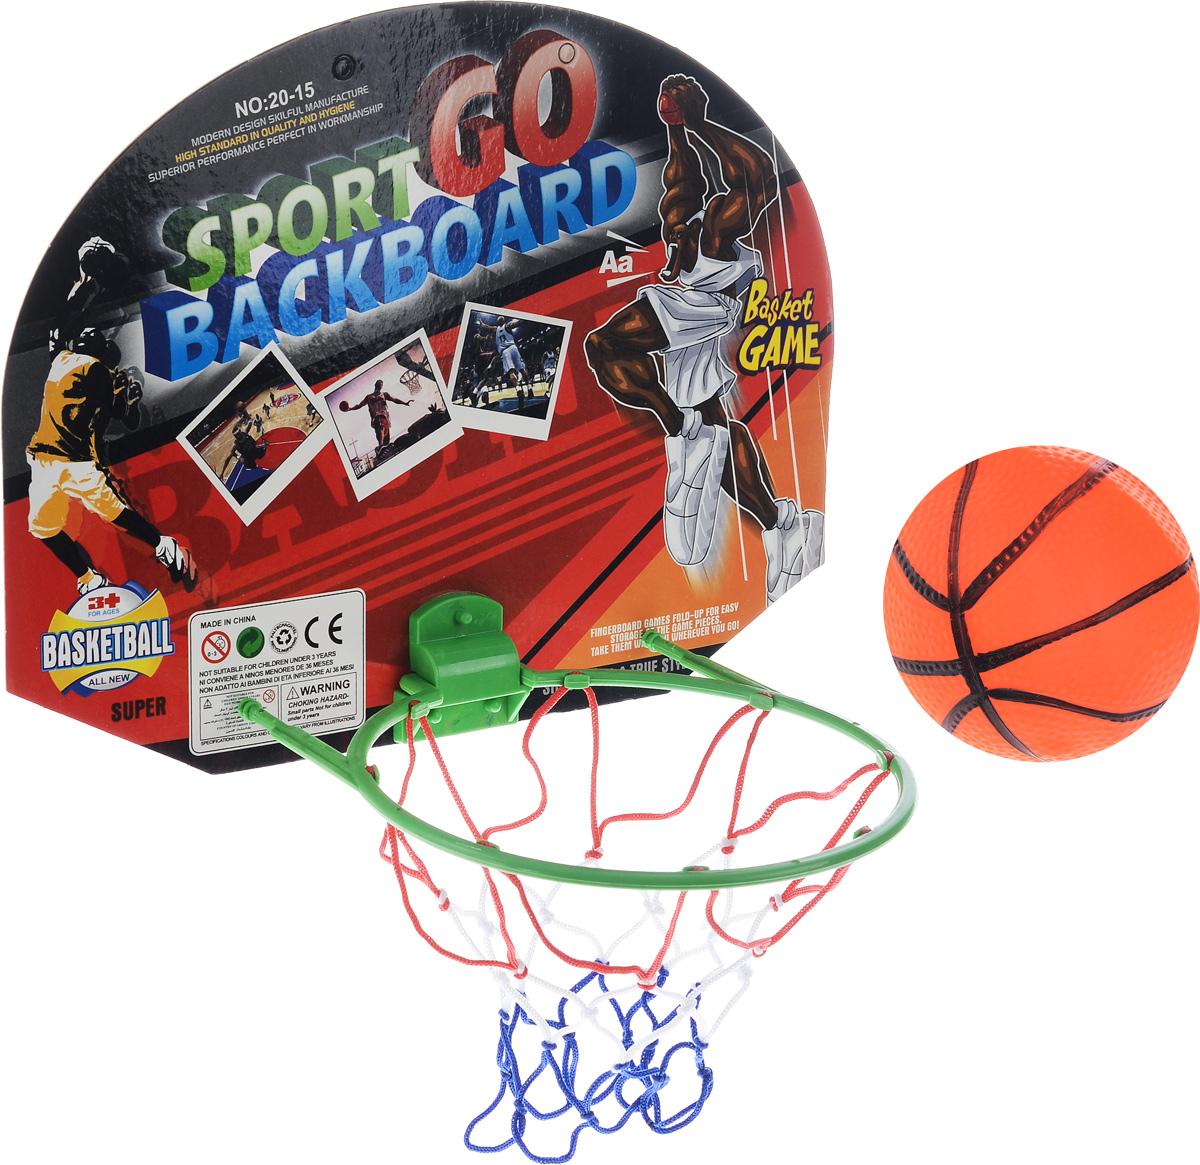 Набор для игры в баскетбол Torres TX1310328262068Набор для игры в баскетбол Torres TX13103, выполненный из ПВХ, текстиля и картона, состоит из корзины с сеткой и щитом, маленького резинового мячика, выполненного в виде баскетбольного и двух двусторонних клейких лент. Такой набор привлечет внимание каждого ребенка и станет отличным подарком юному любителю игр. Набор Torres TX13103 способствует развитию внимательности, ловкости и усидчивости, а также развивает любовь к спортивным играм. Размер щита: 38 х 27 см. Диаметр мяча: 10 см . Уважаемые клиенты! Обращаем ваше внимание на возможные изменения в цвете некоторых элементов набора. Поставка осуществляется в зависимости от наличия на складе.